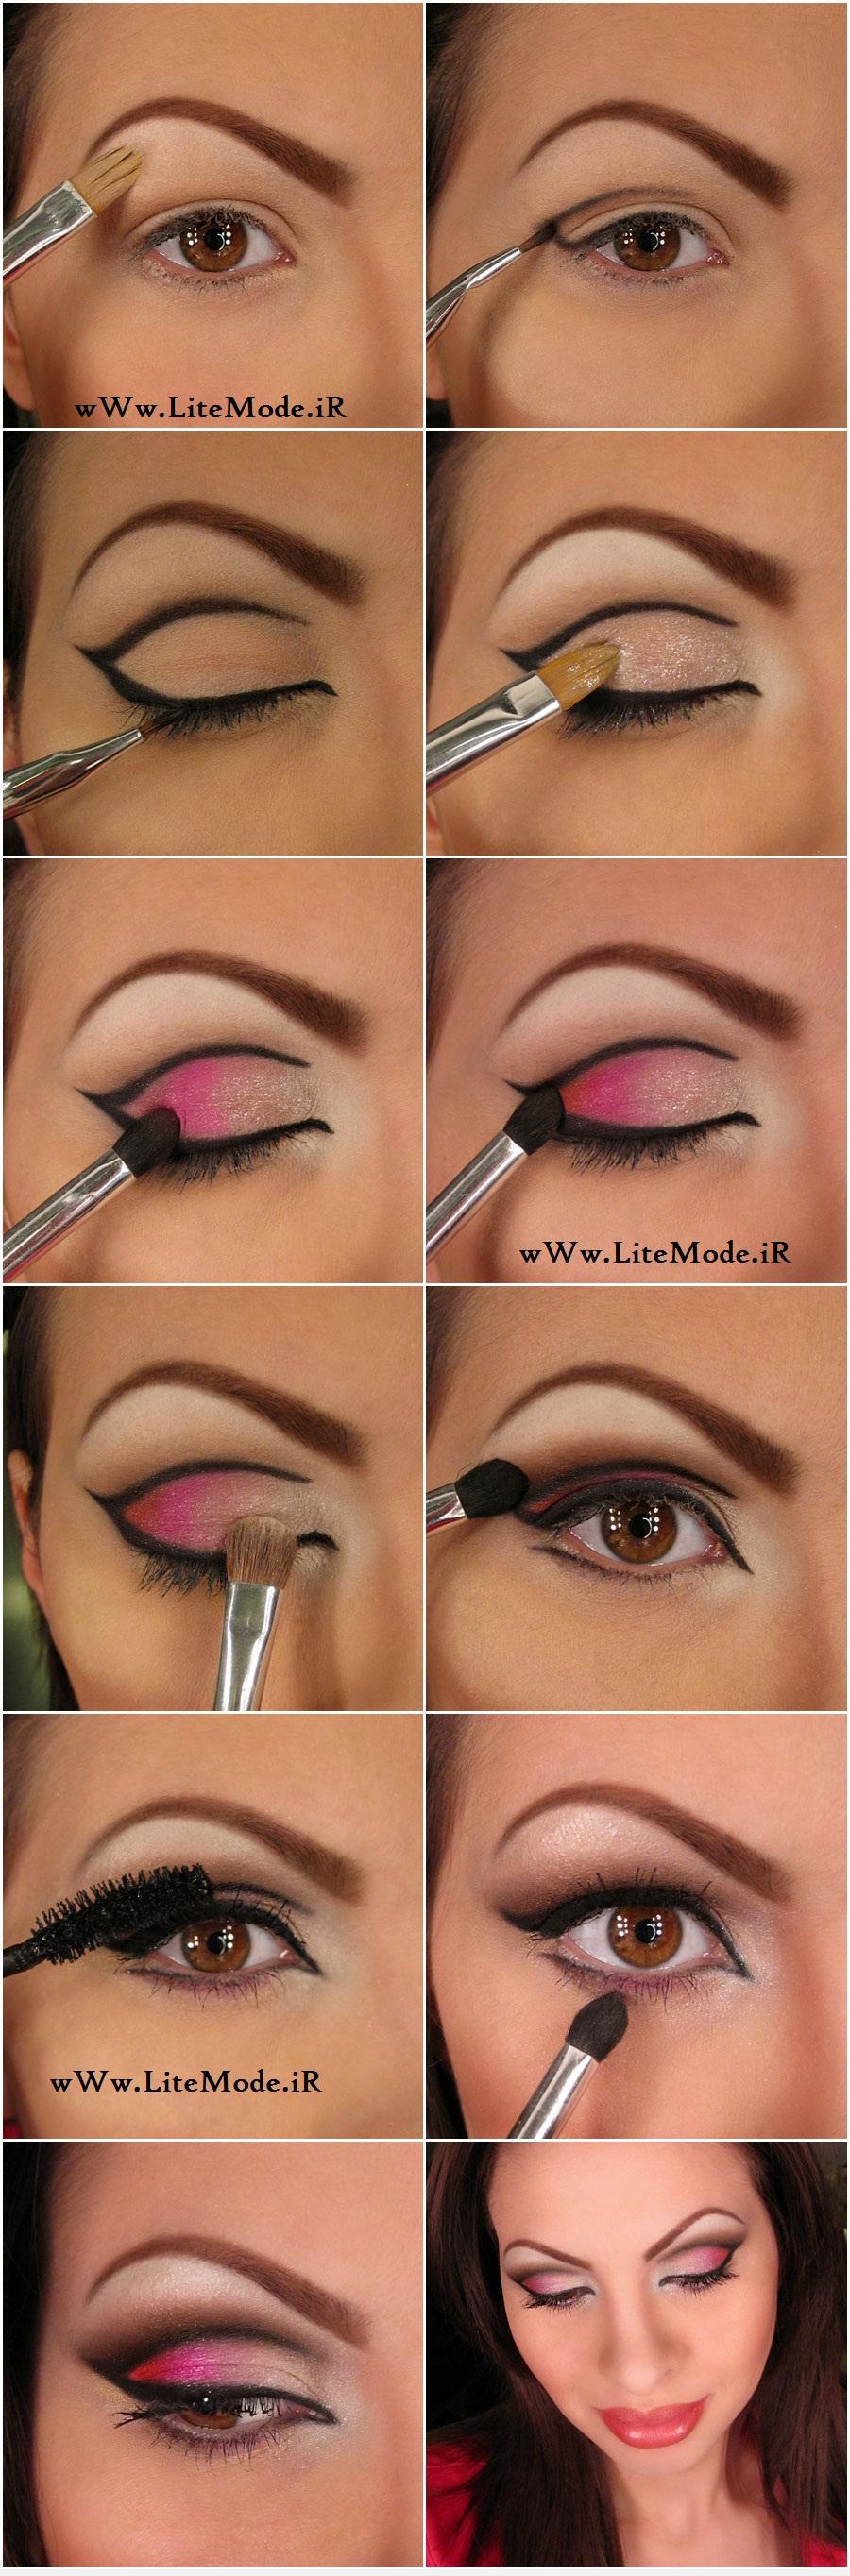 آموزش قدم به قدم آرایش چشم,آموزش مرحله به مرحله آرایش چشم